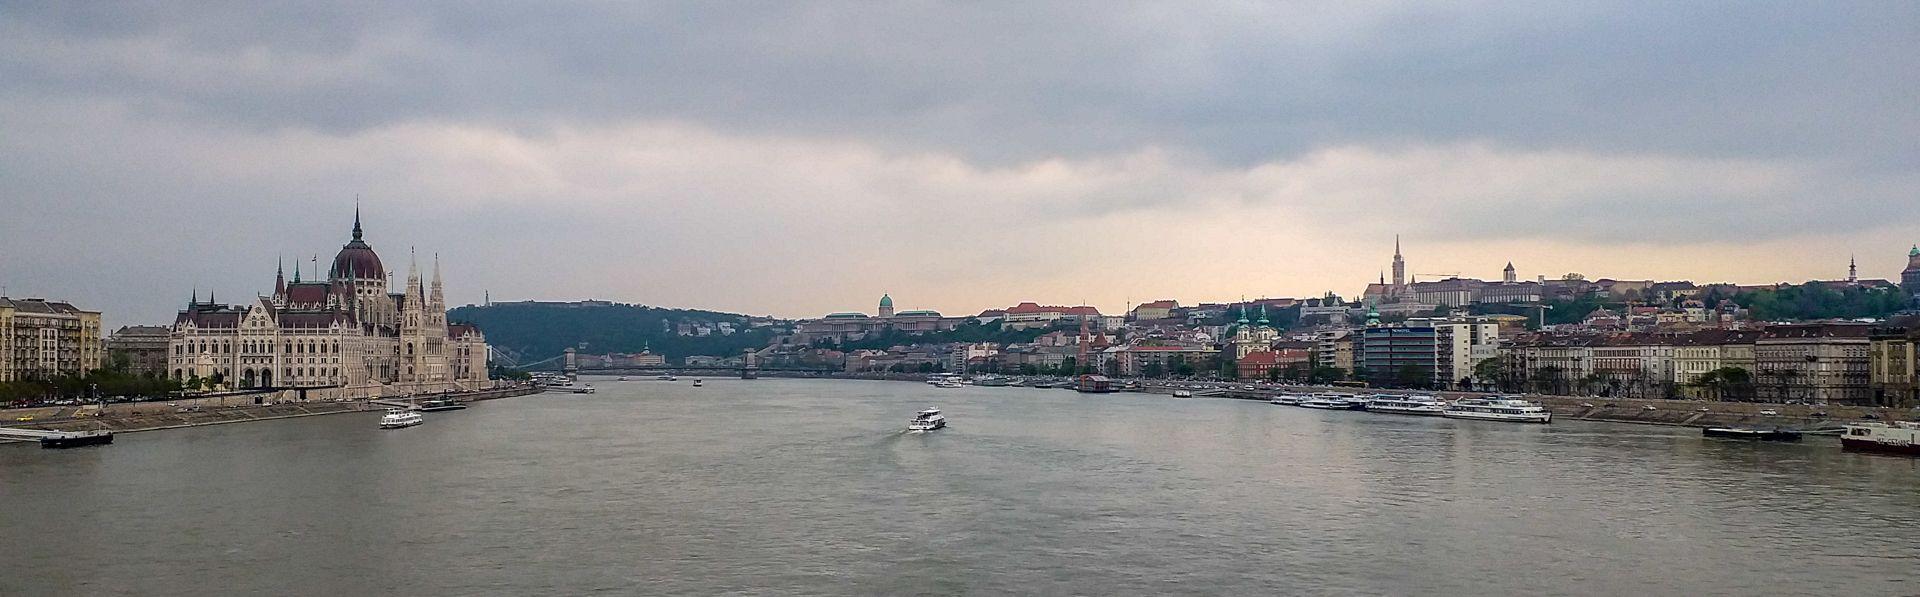 1 pano Danube MCD